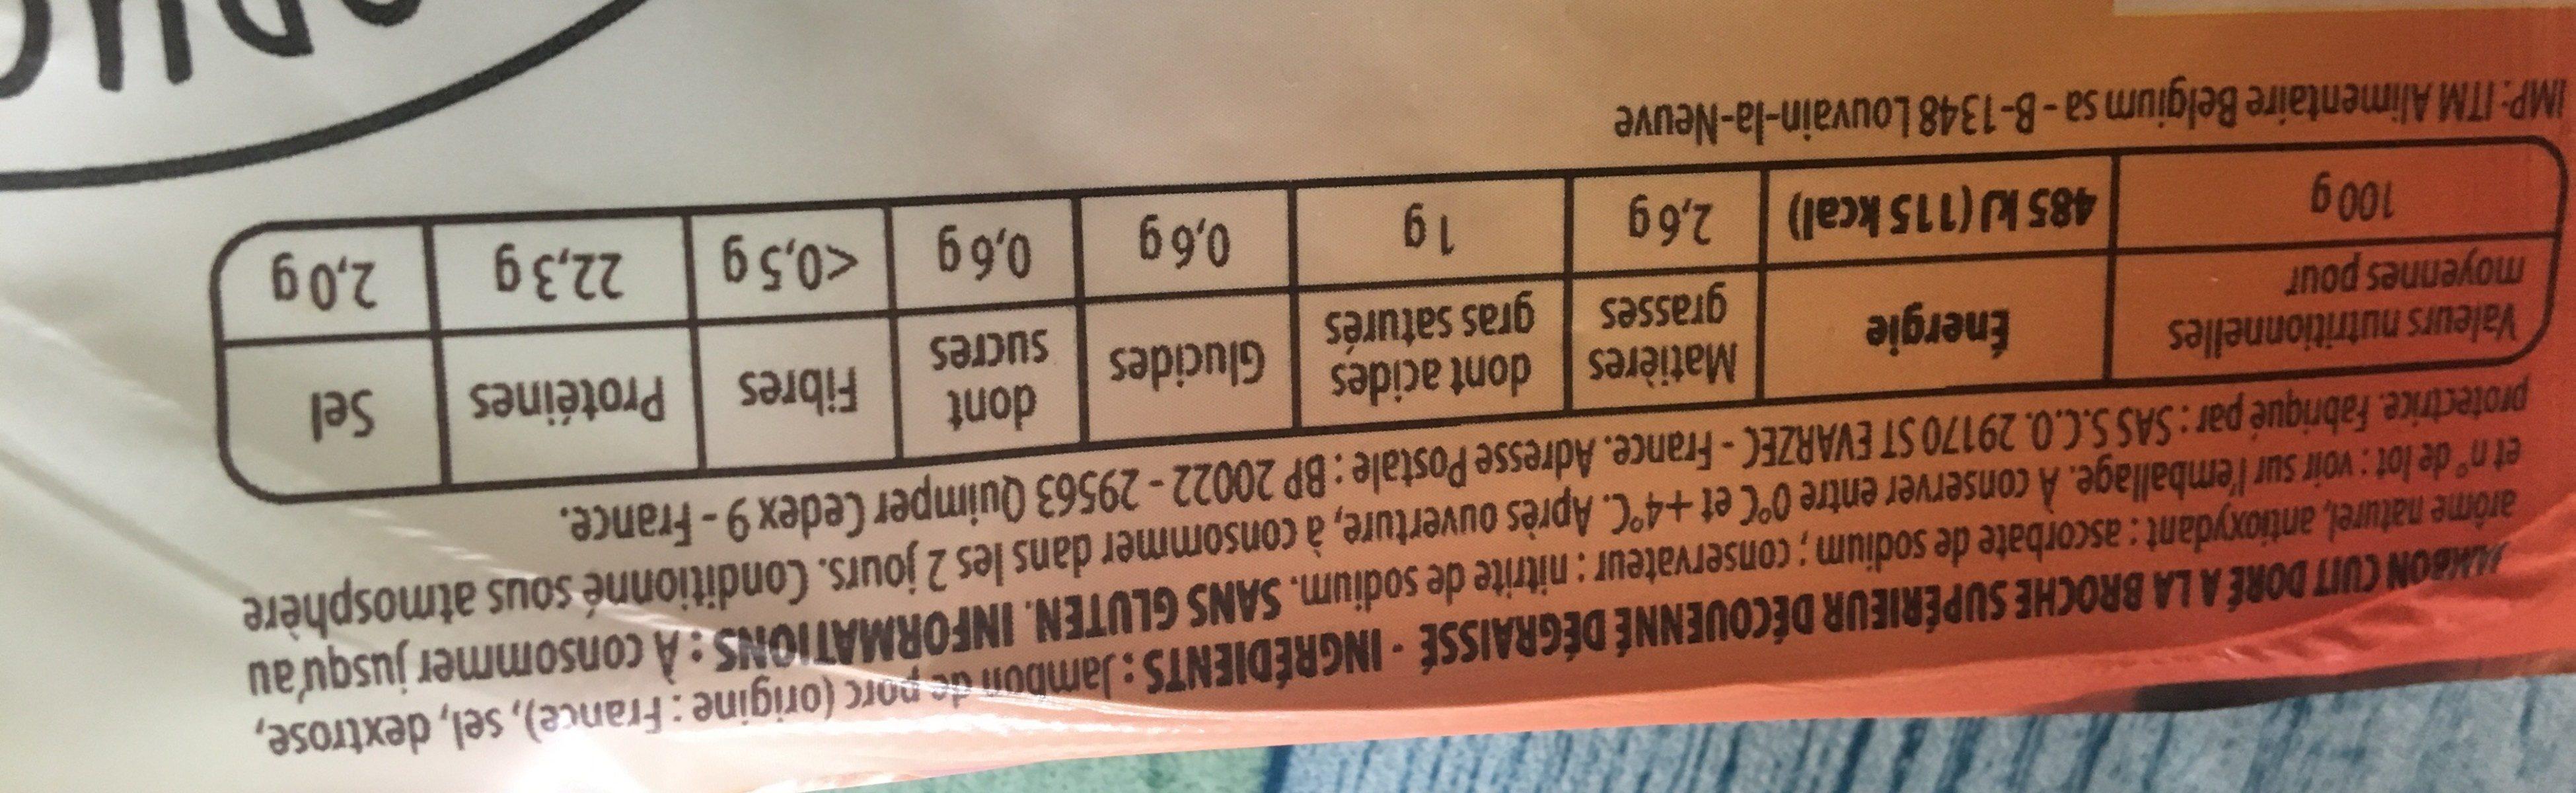 Doré à la broche délicatement rôti - Ingredients - fr